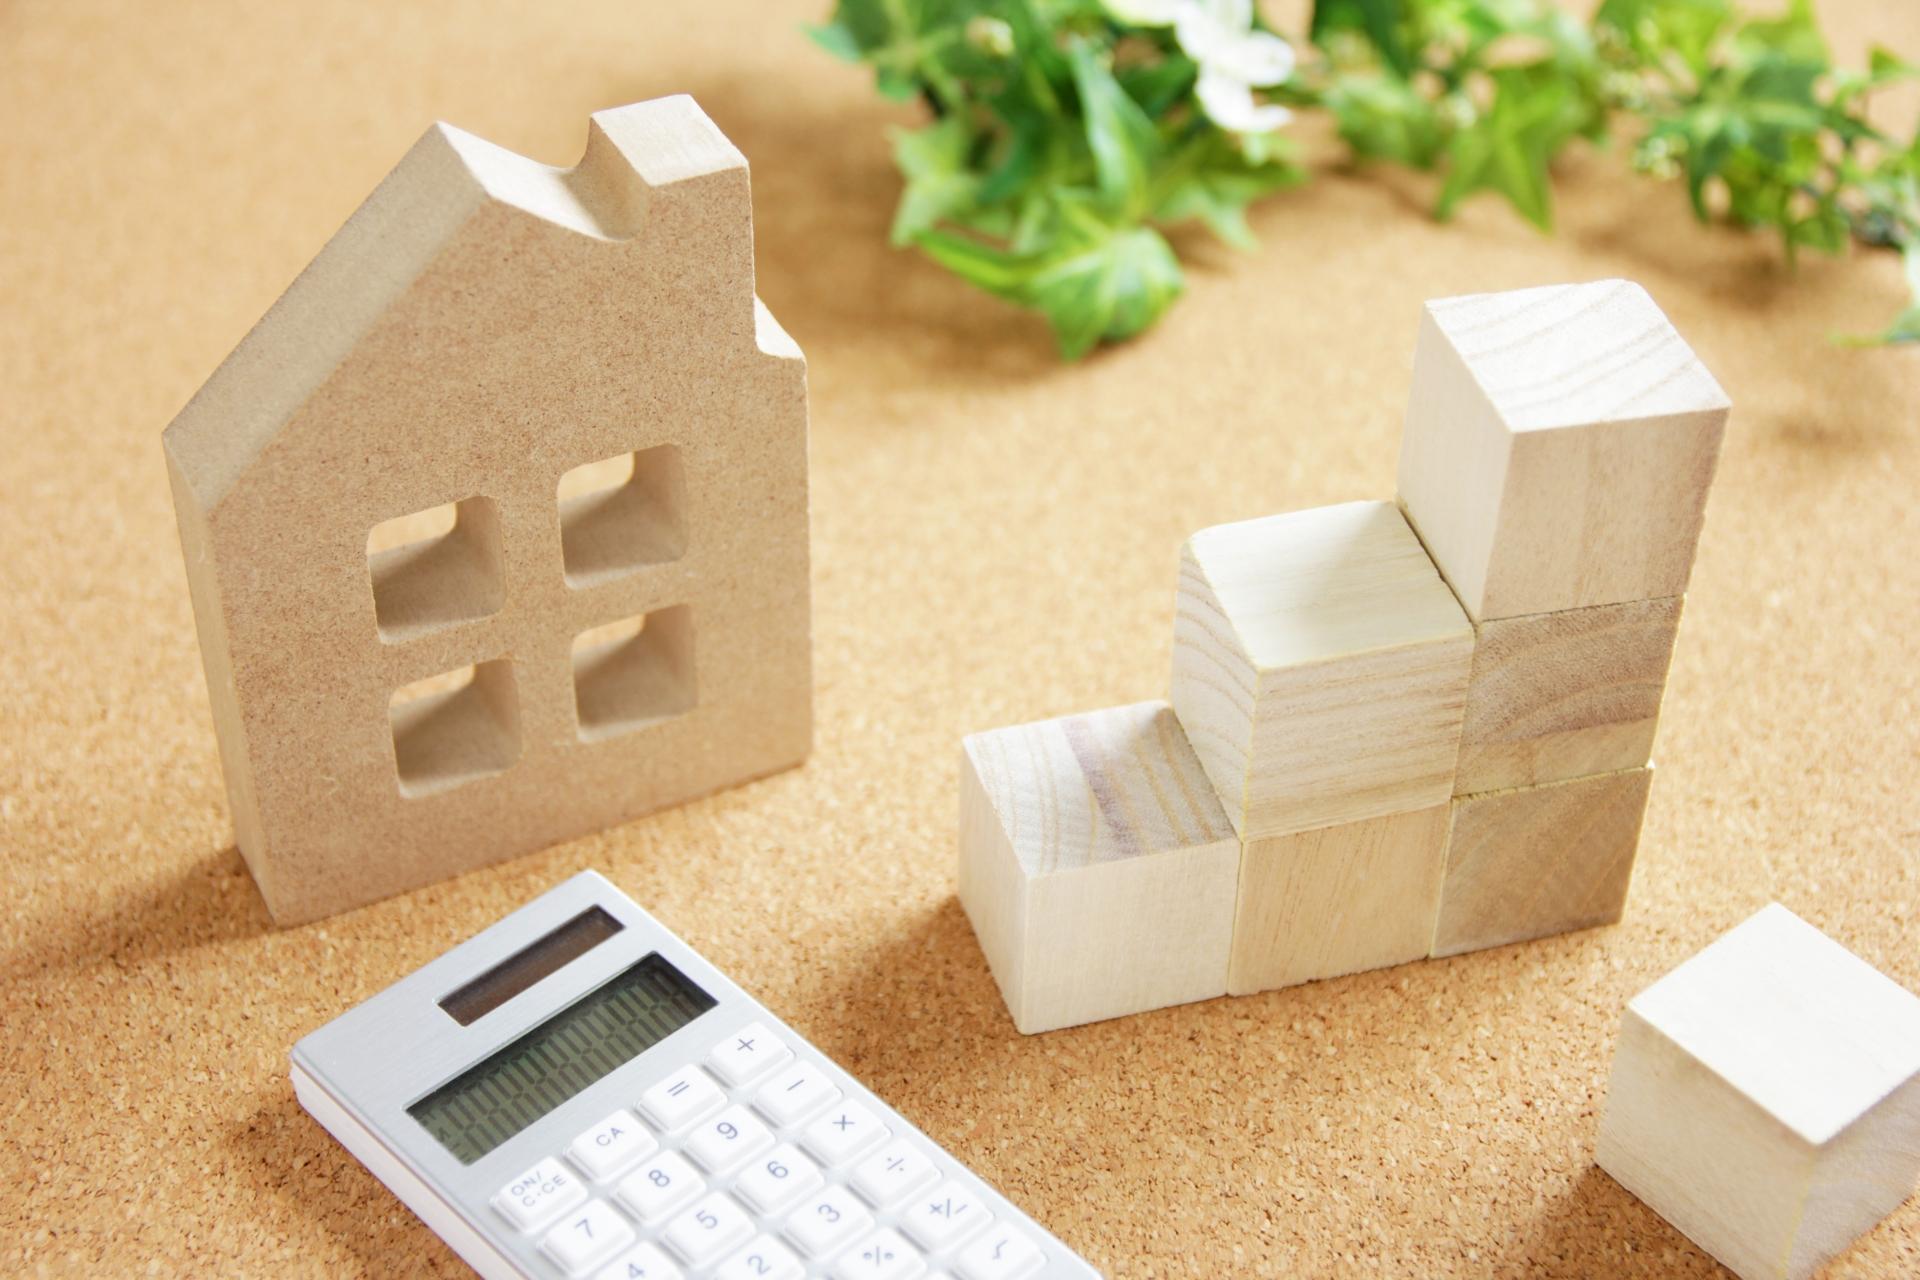 住宅ローンを組むなら月々の支払を家賃よりも低くしなければいけない理由